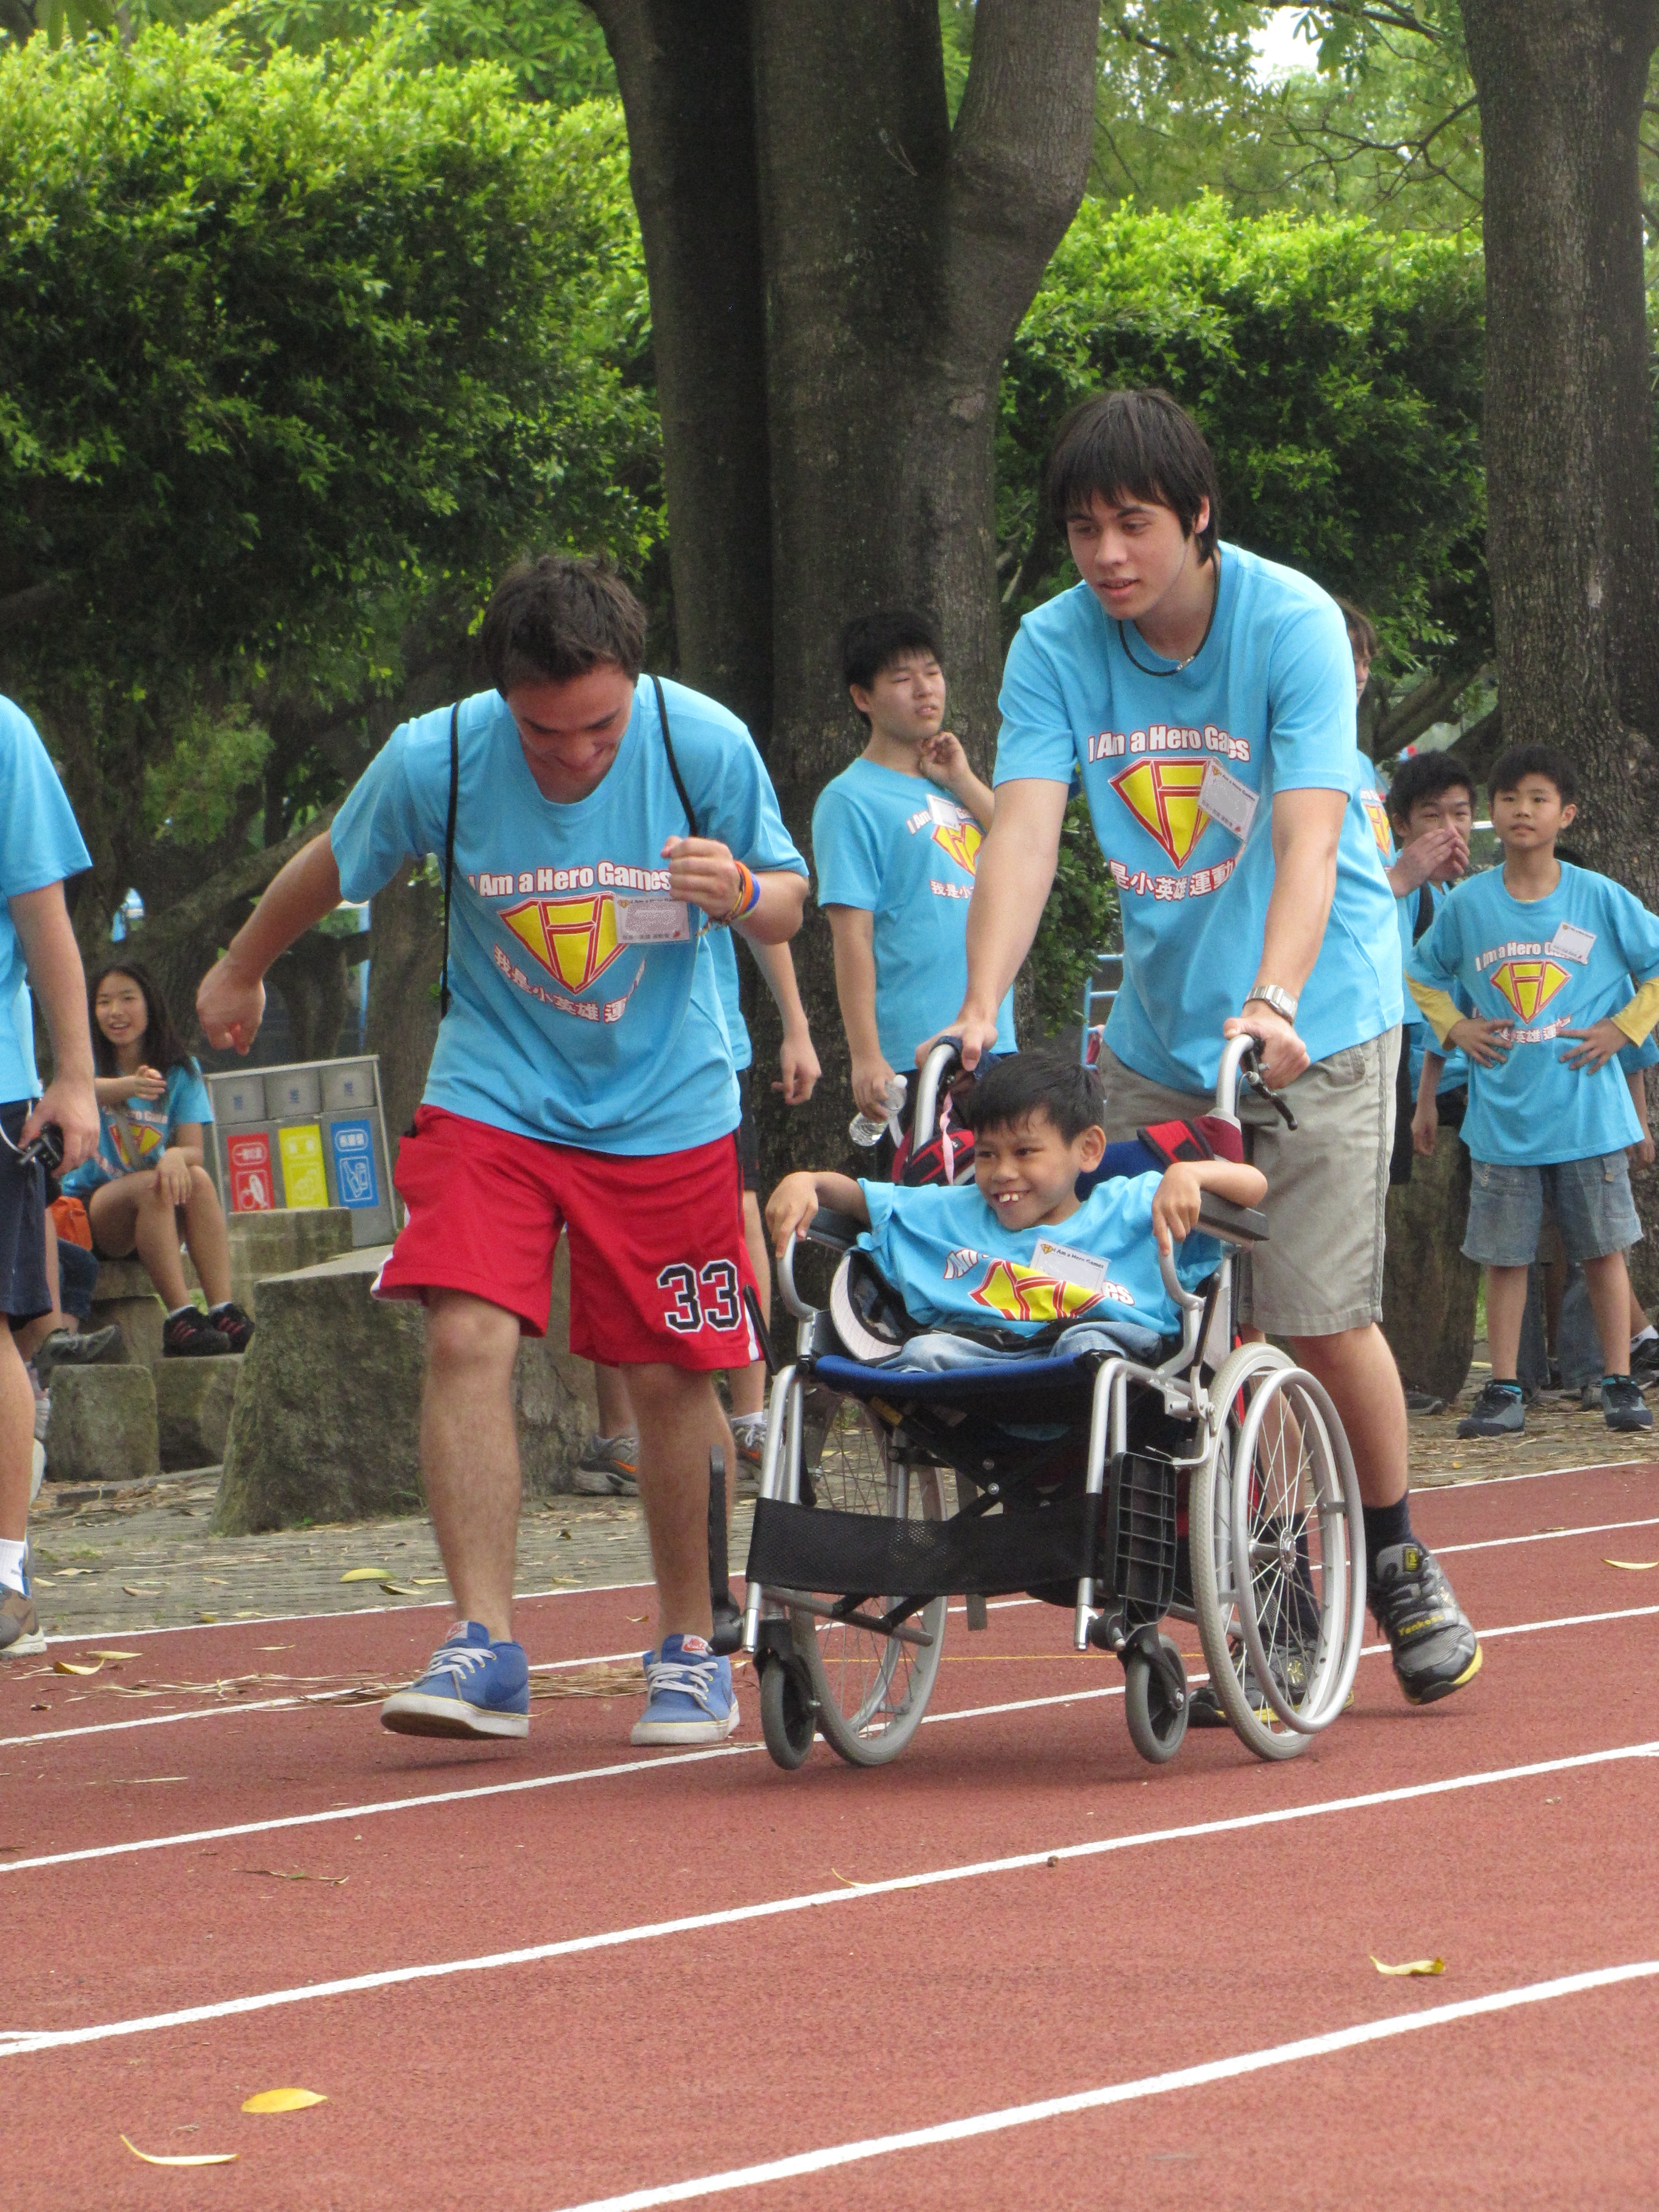 Heroes helping heroes!